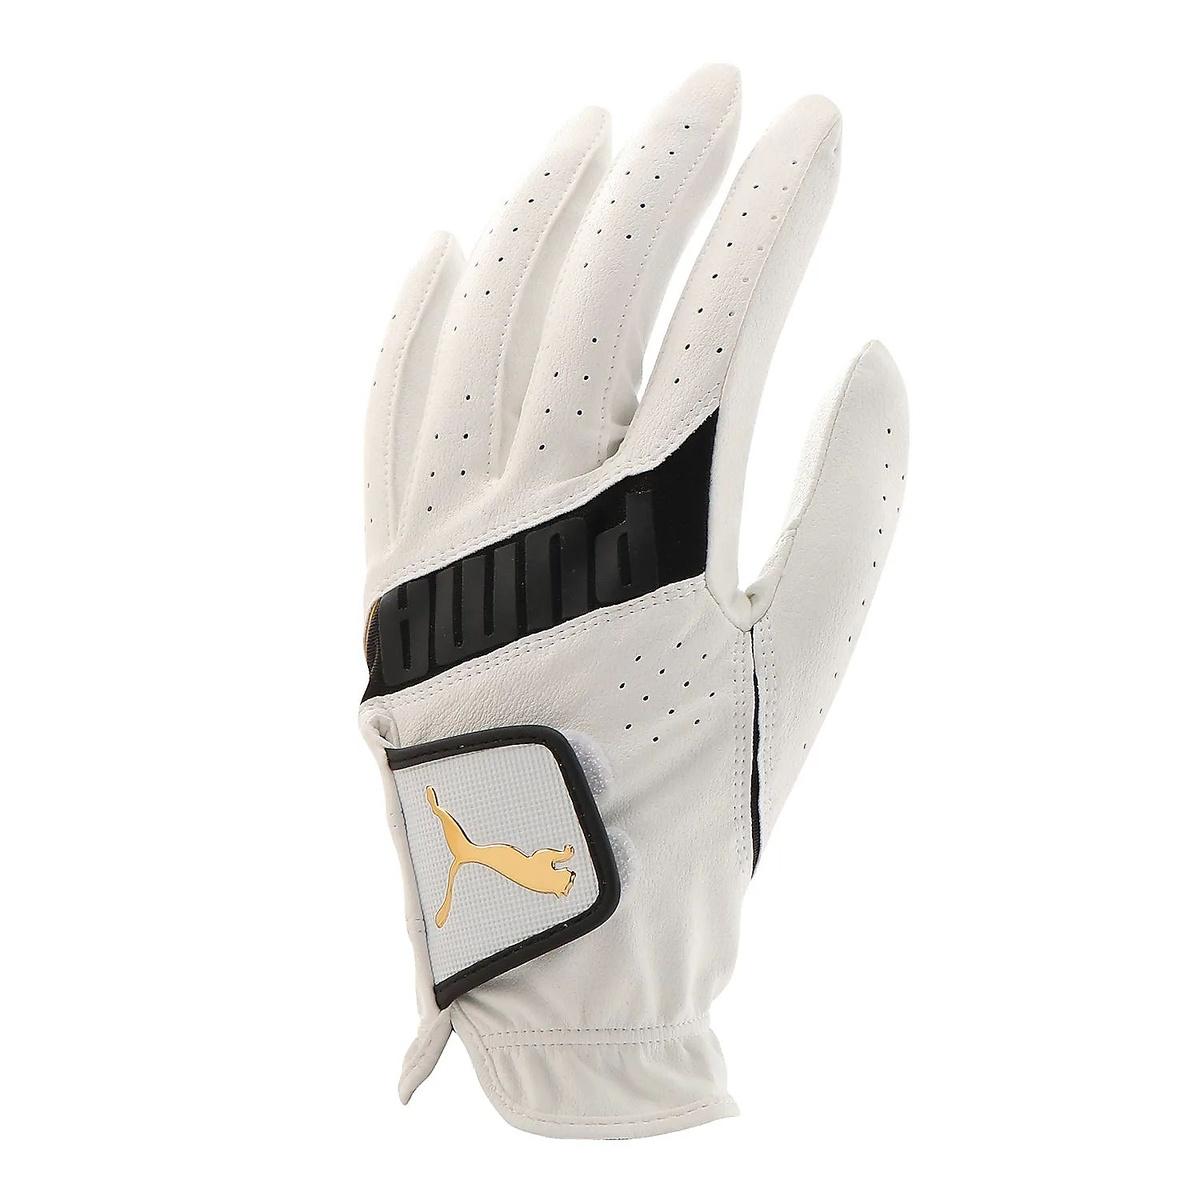 プーマ ゴルフ メンズゴルフグローブ 3D パフォーマンス グローブ 867771 PUMA チープ ◆高品質 1 メンズ 左手用